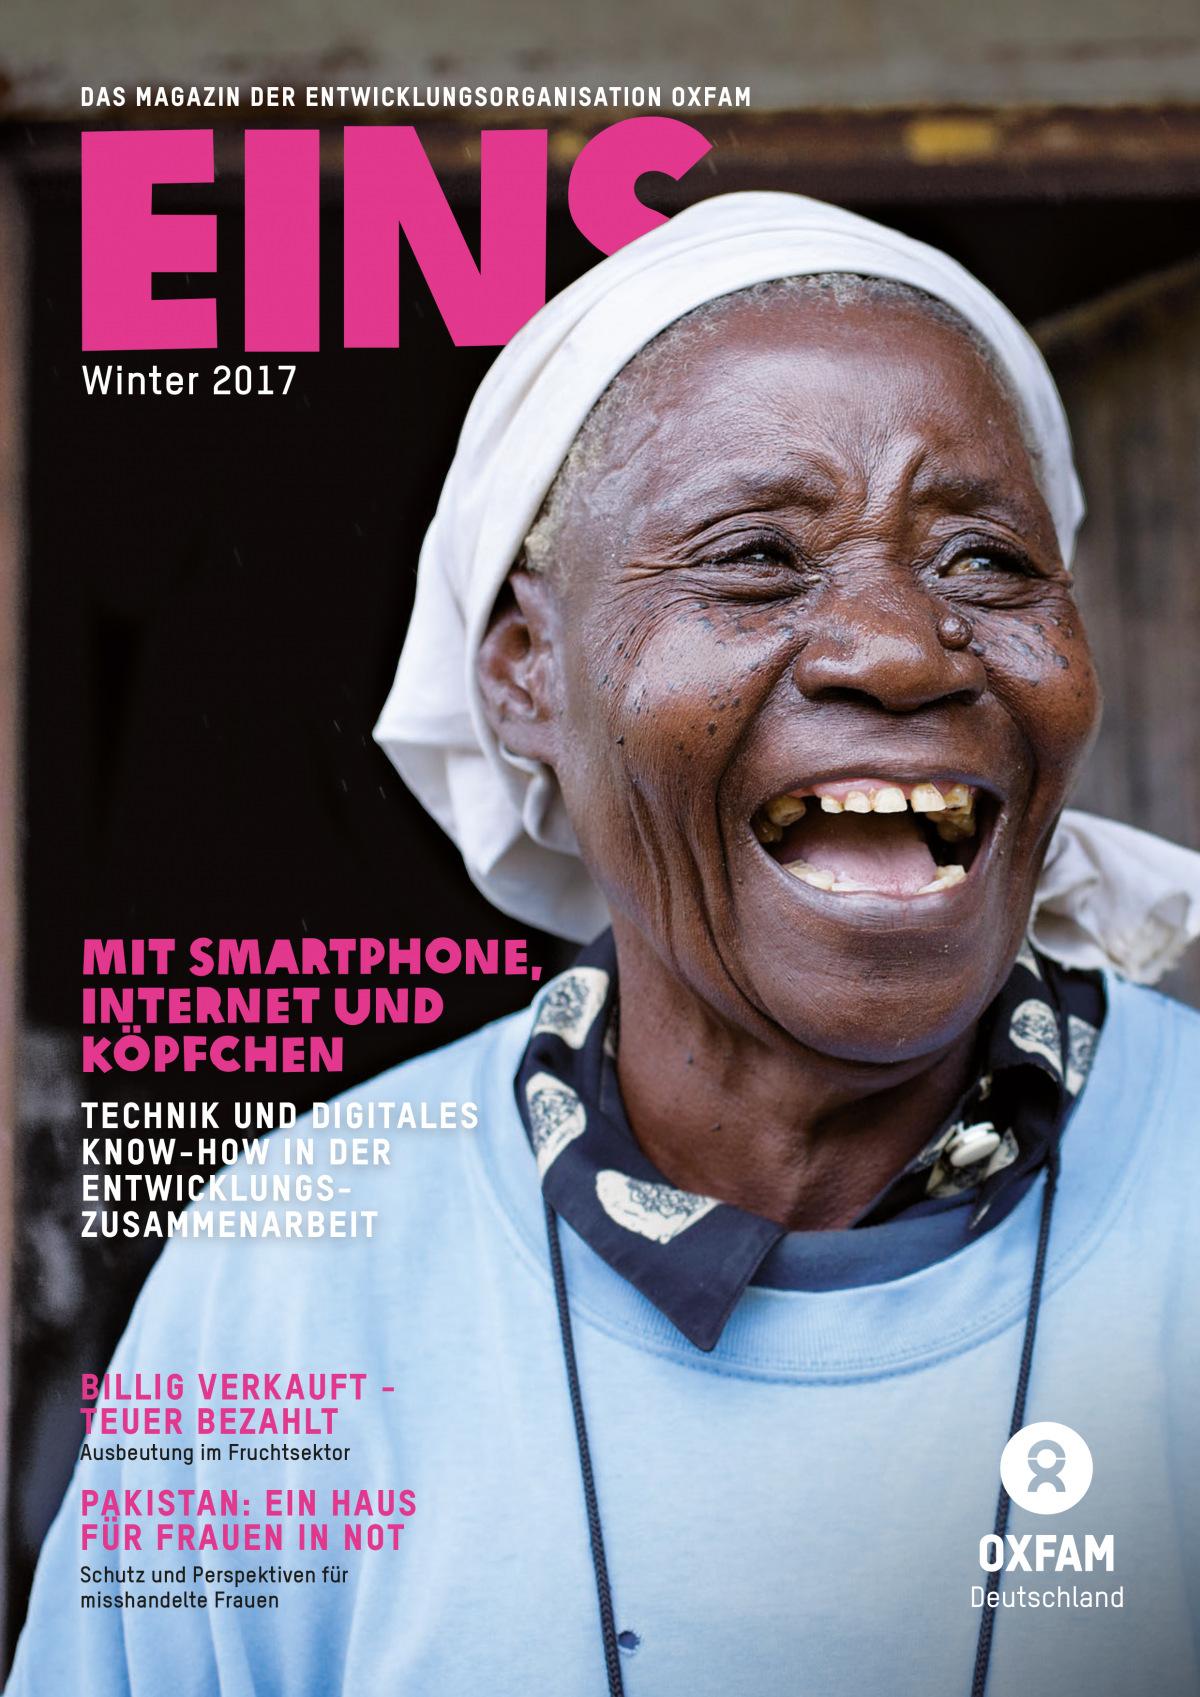 Titelbild vom Oxfam-Magazin EINS (Winter 2017)